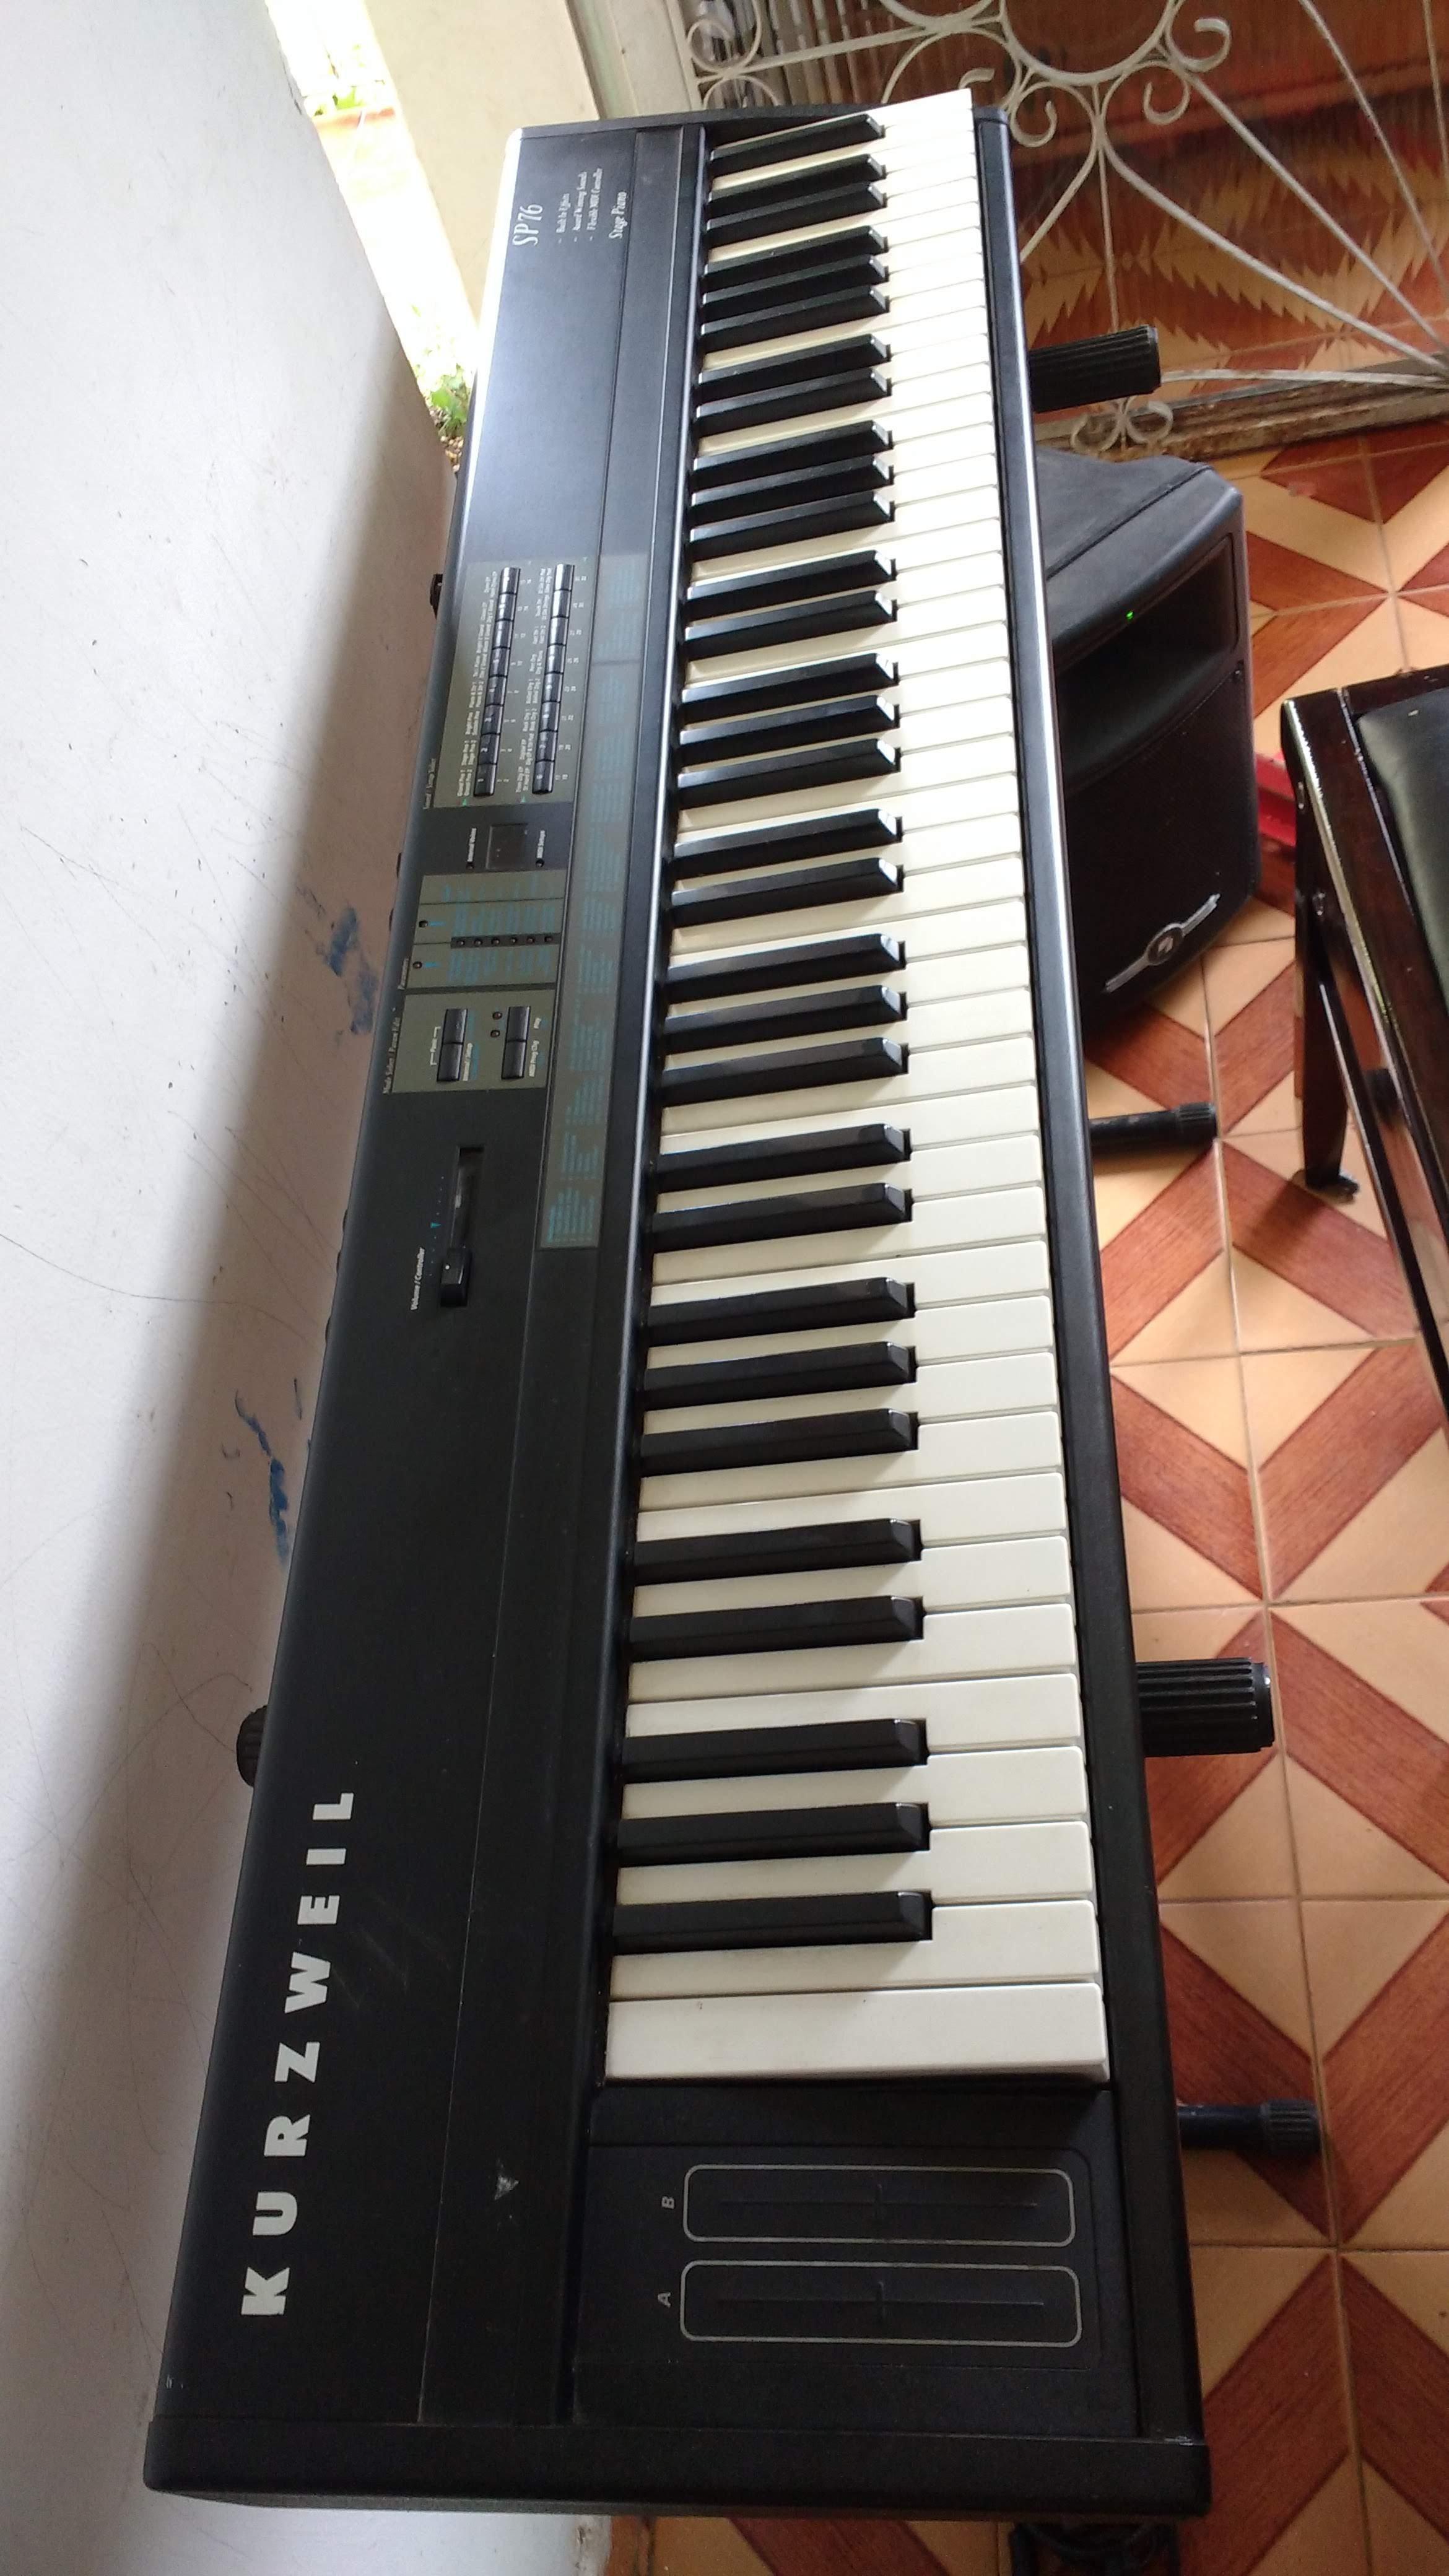 onde tem uma escola de musica em jf boa - luciane borges professora de musica 32238063 telefone